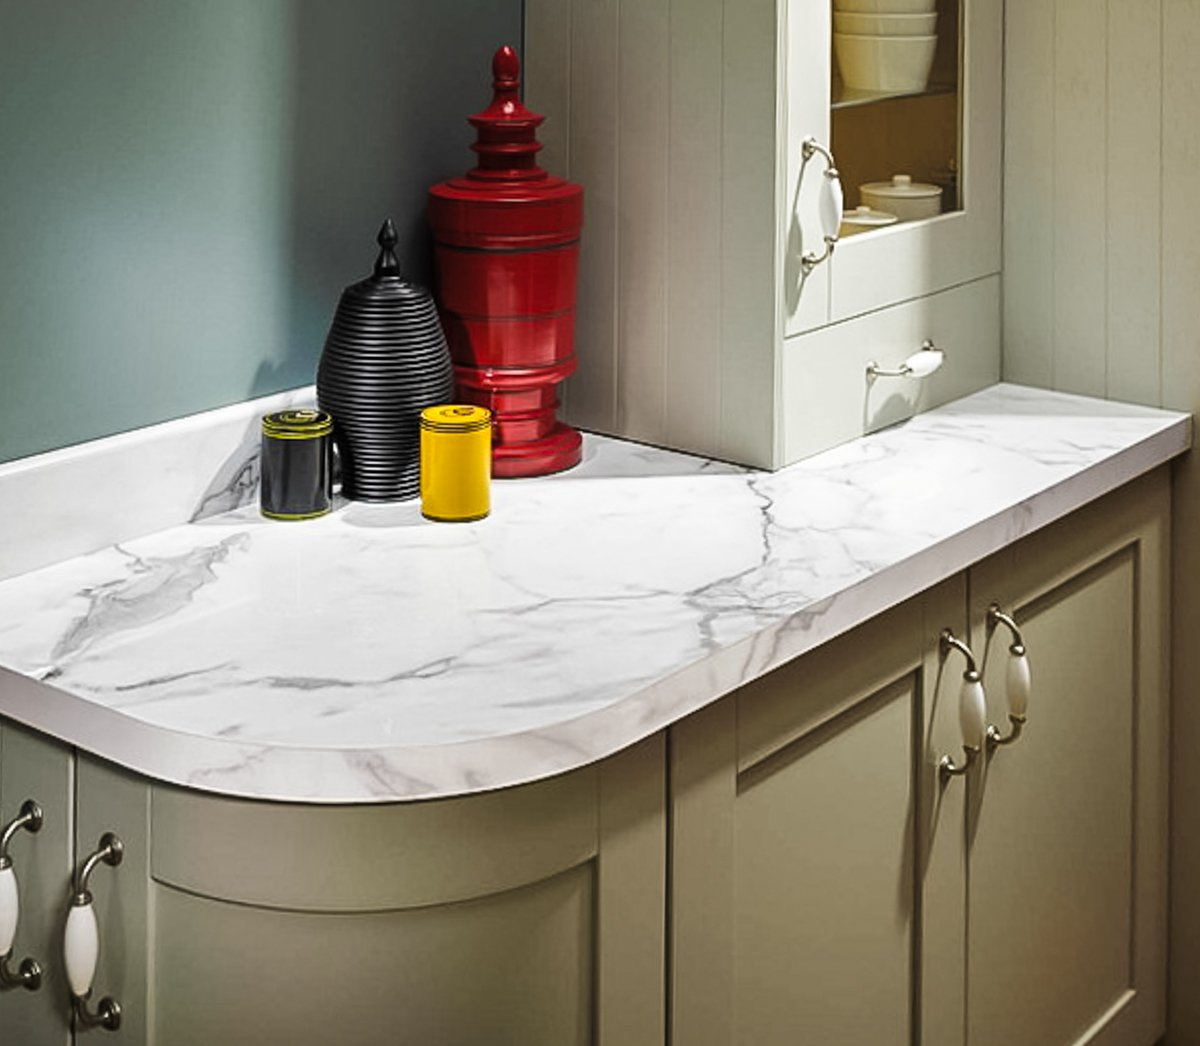 Kitchen Worktops Quartz V Granite: Laminate Worktops V Granite Worktops